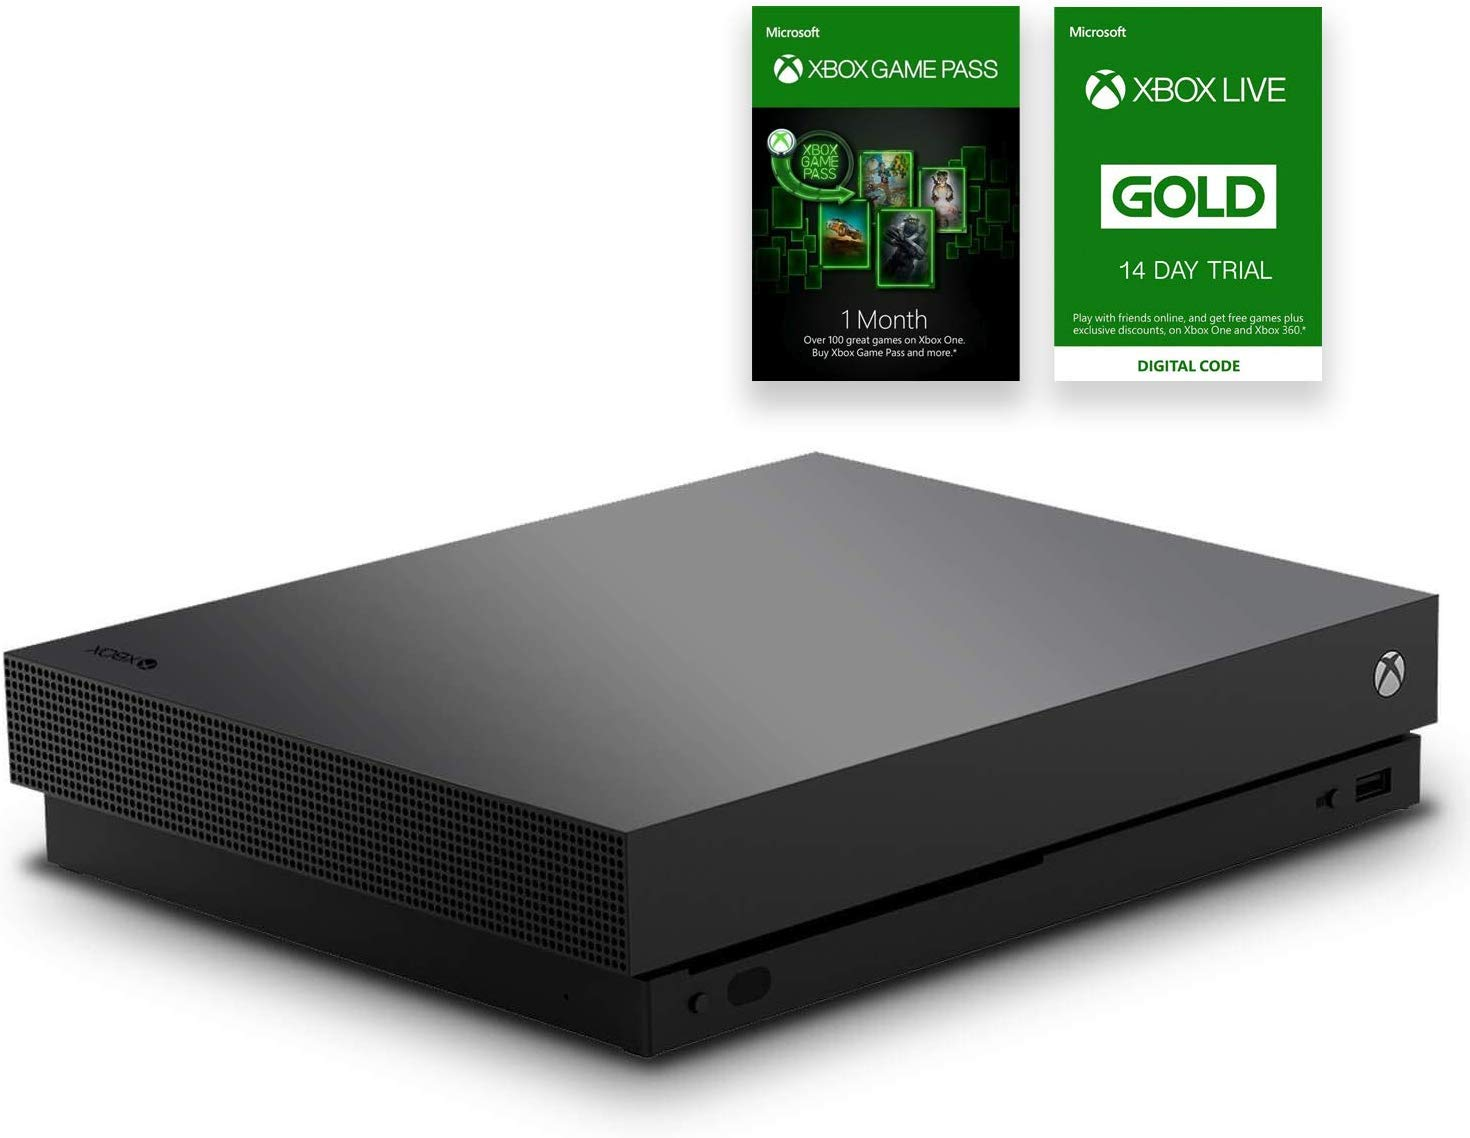 Microsoft Xbox One X - Consola de 1 TB, color negro (certificado): Amazon.es: Videojuegos